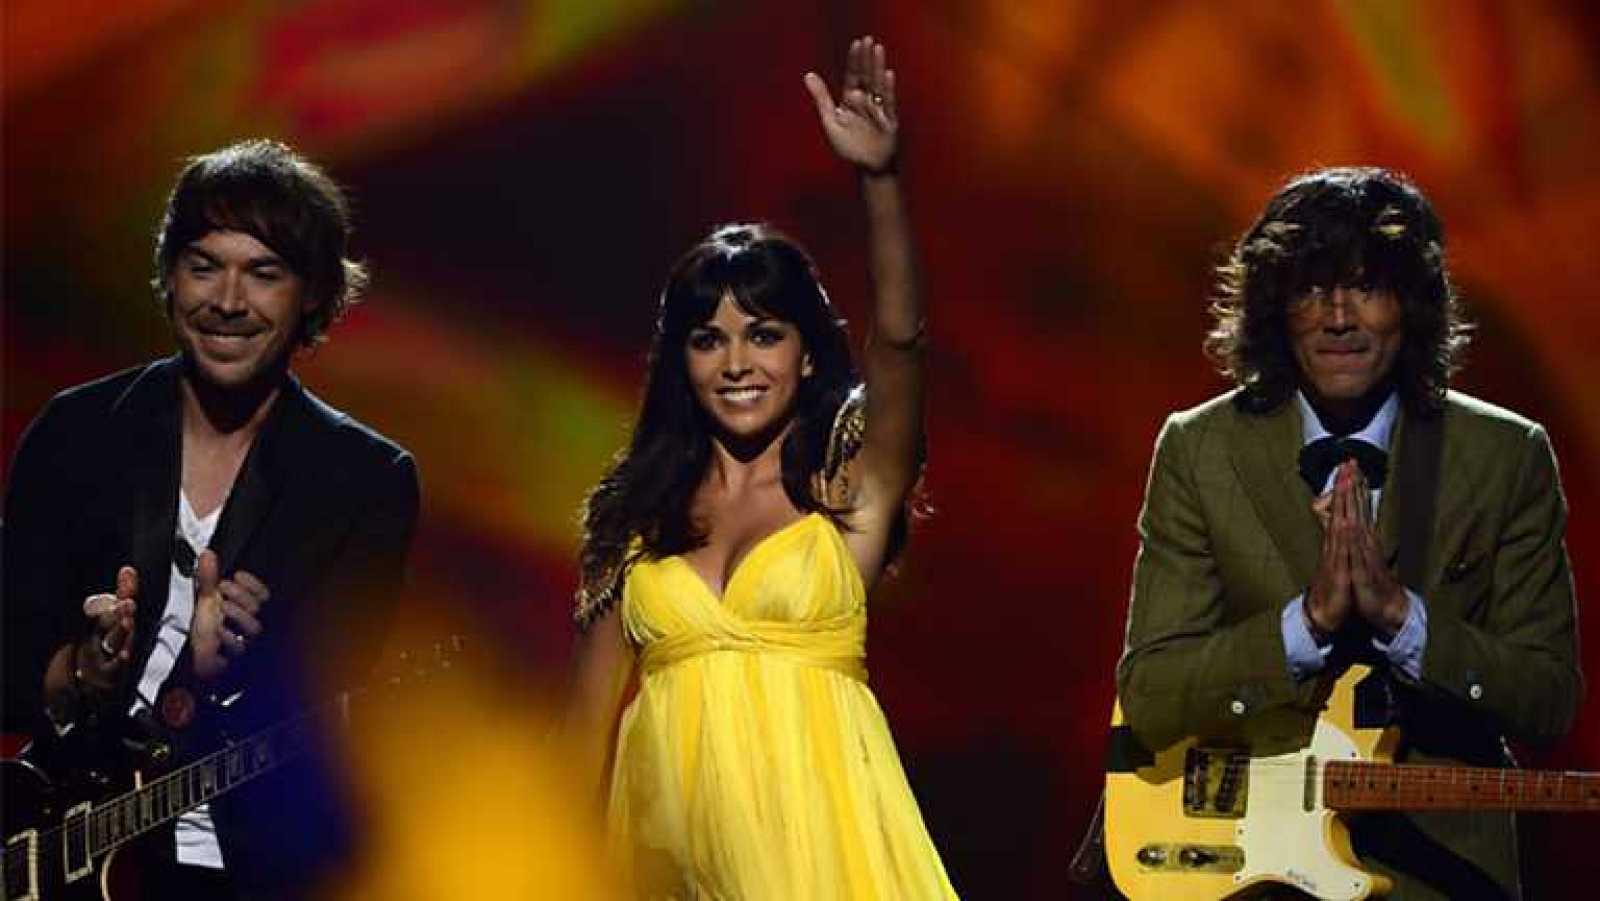 Festival de Eurovisión 2013. Edición 58 - Ver ahora